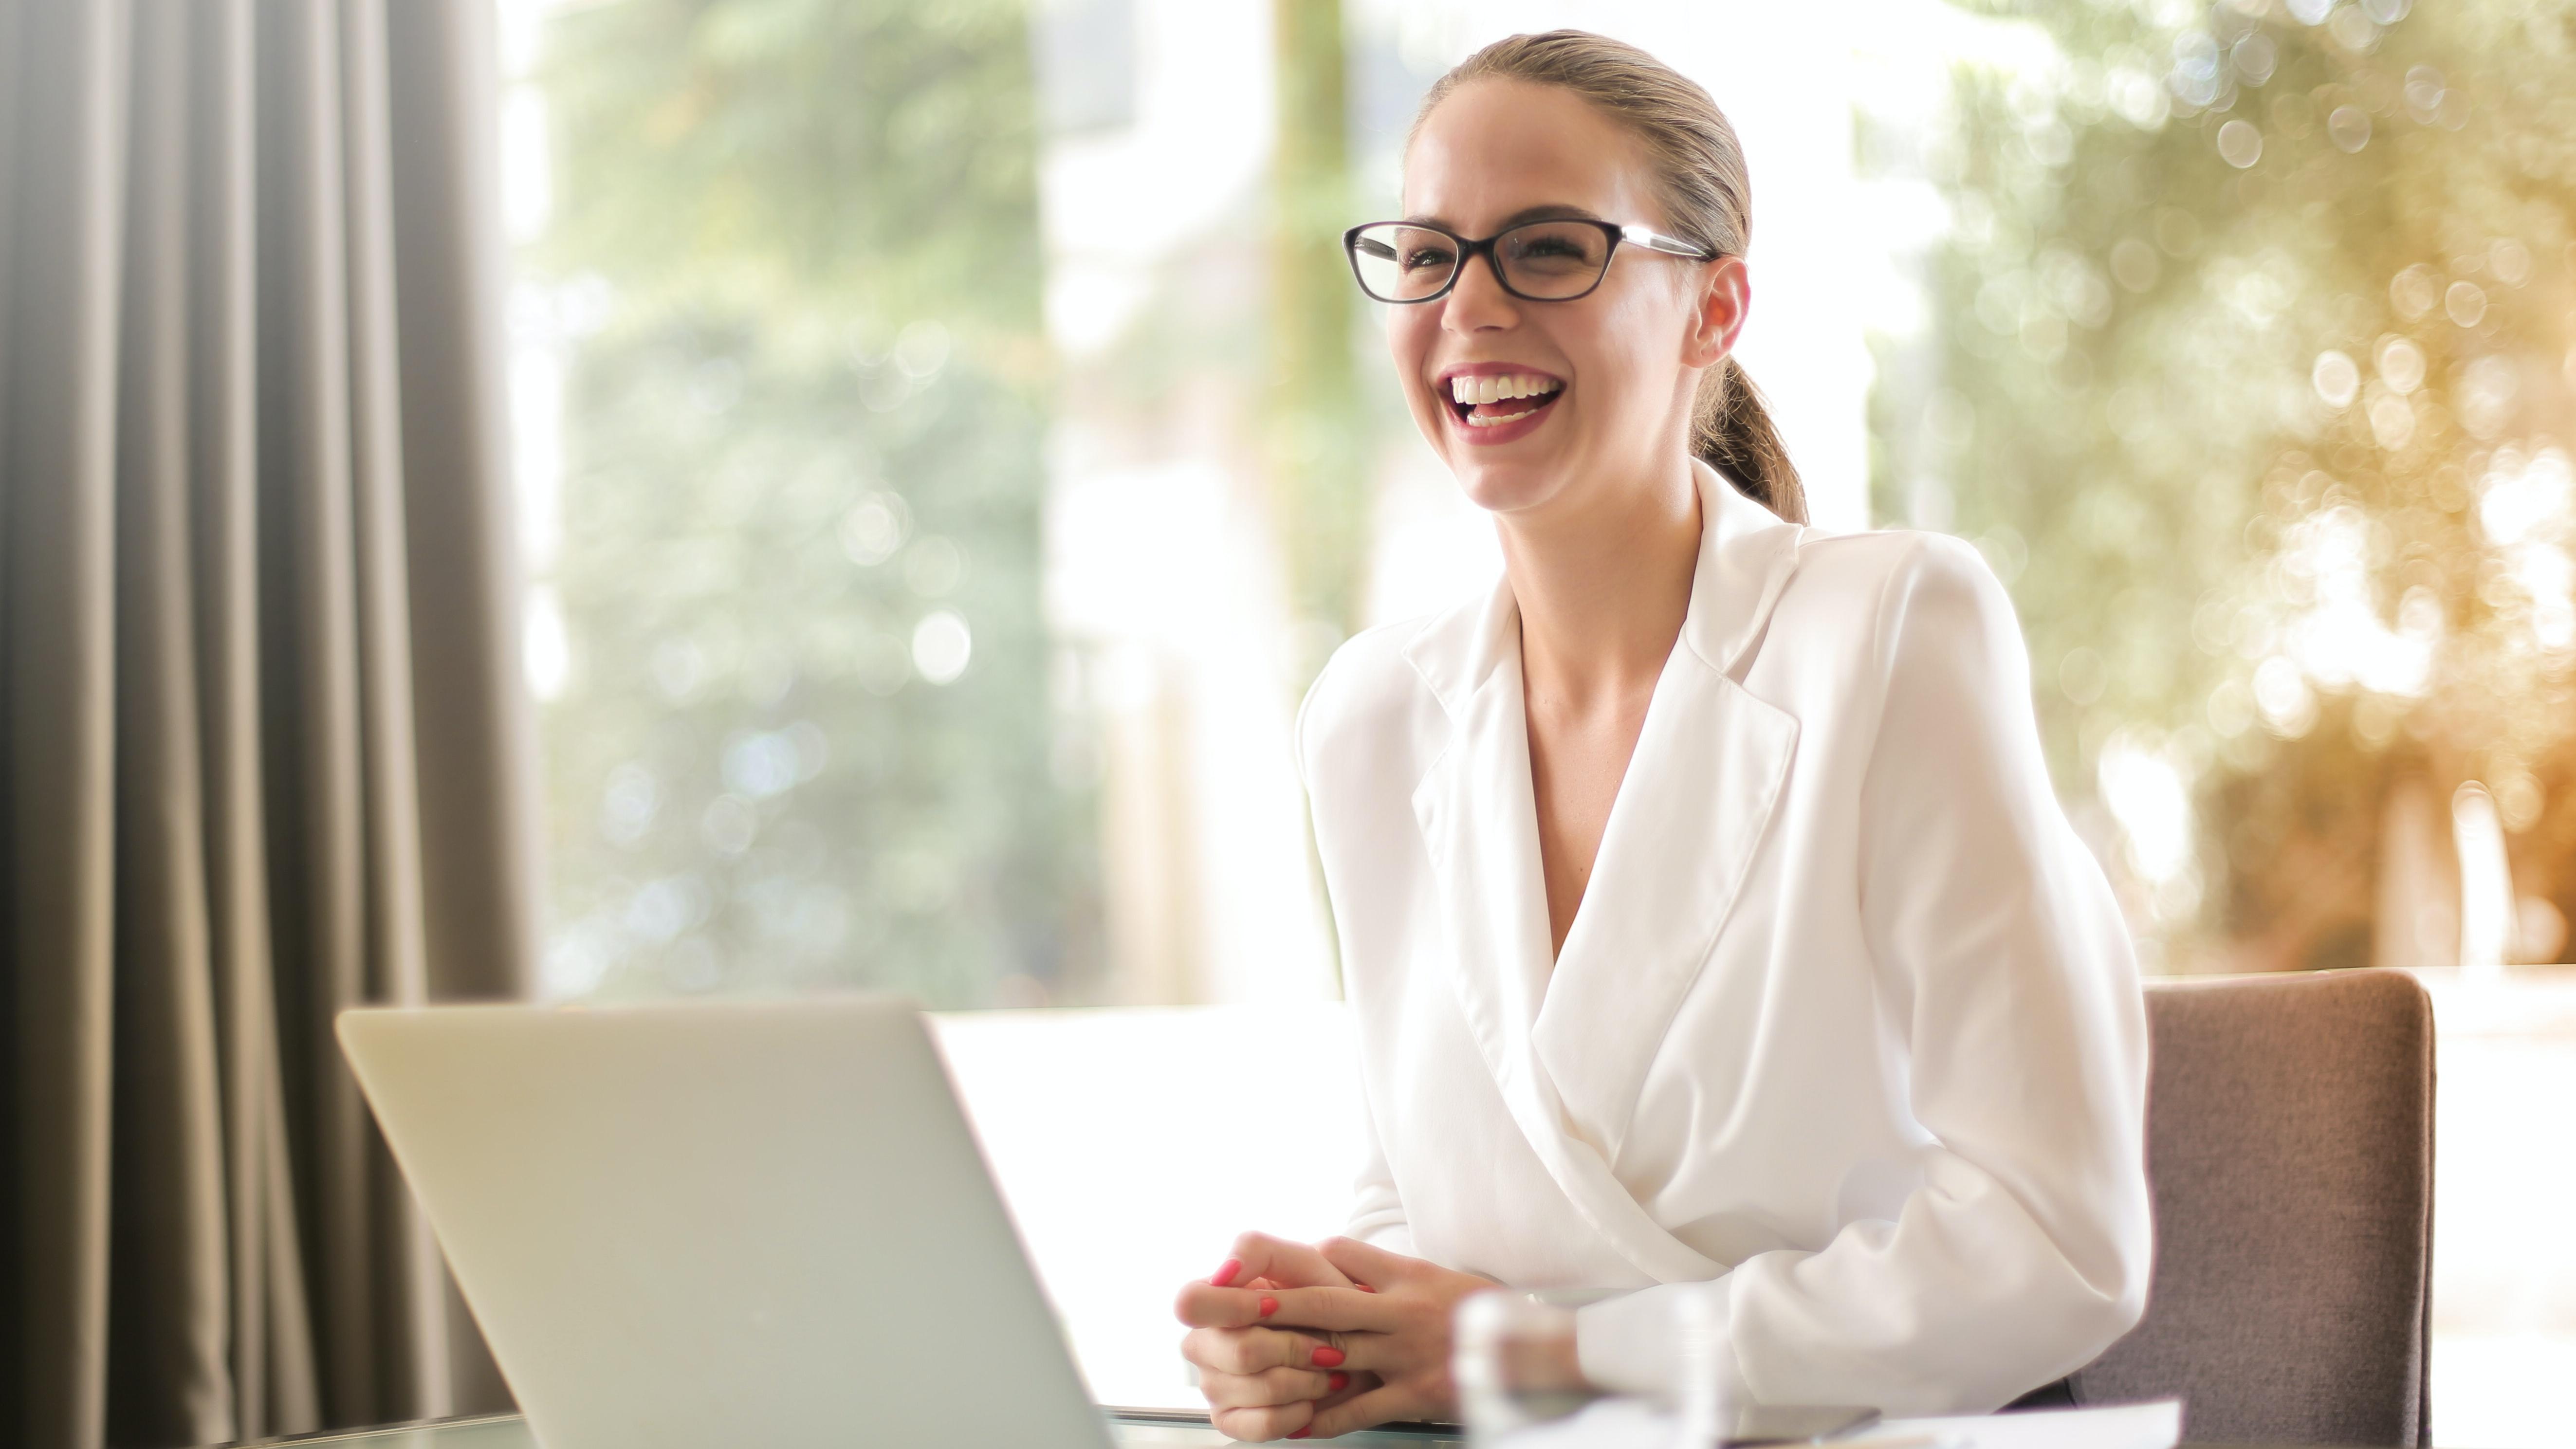 Um Karriere zu machen brauchen Sie klare realistische Ziele, Motivation und Durchhaltevermögen.